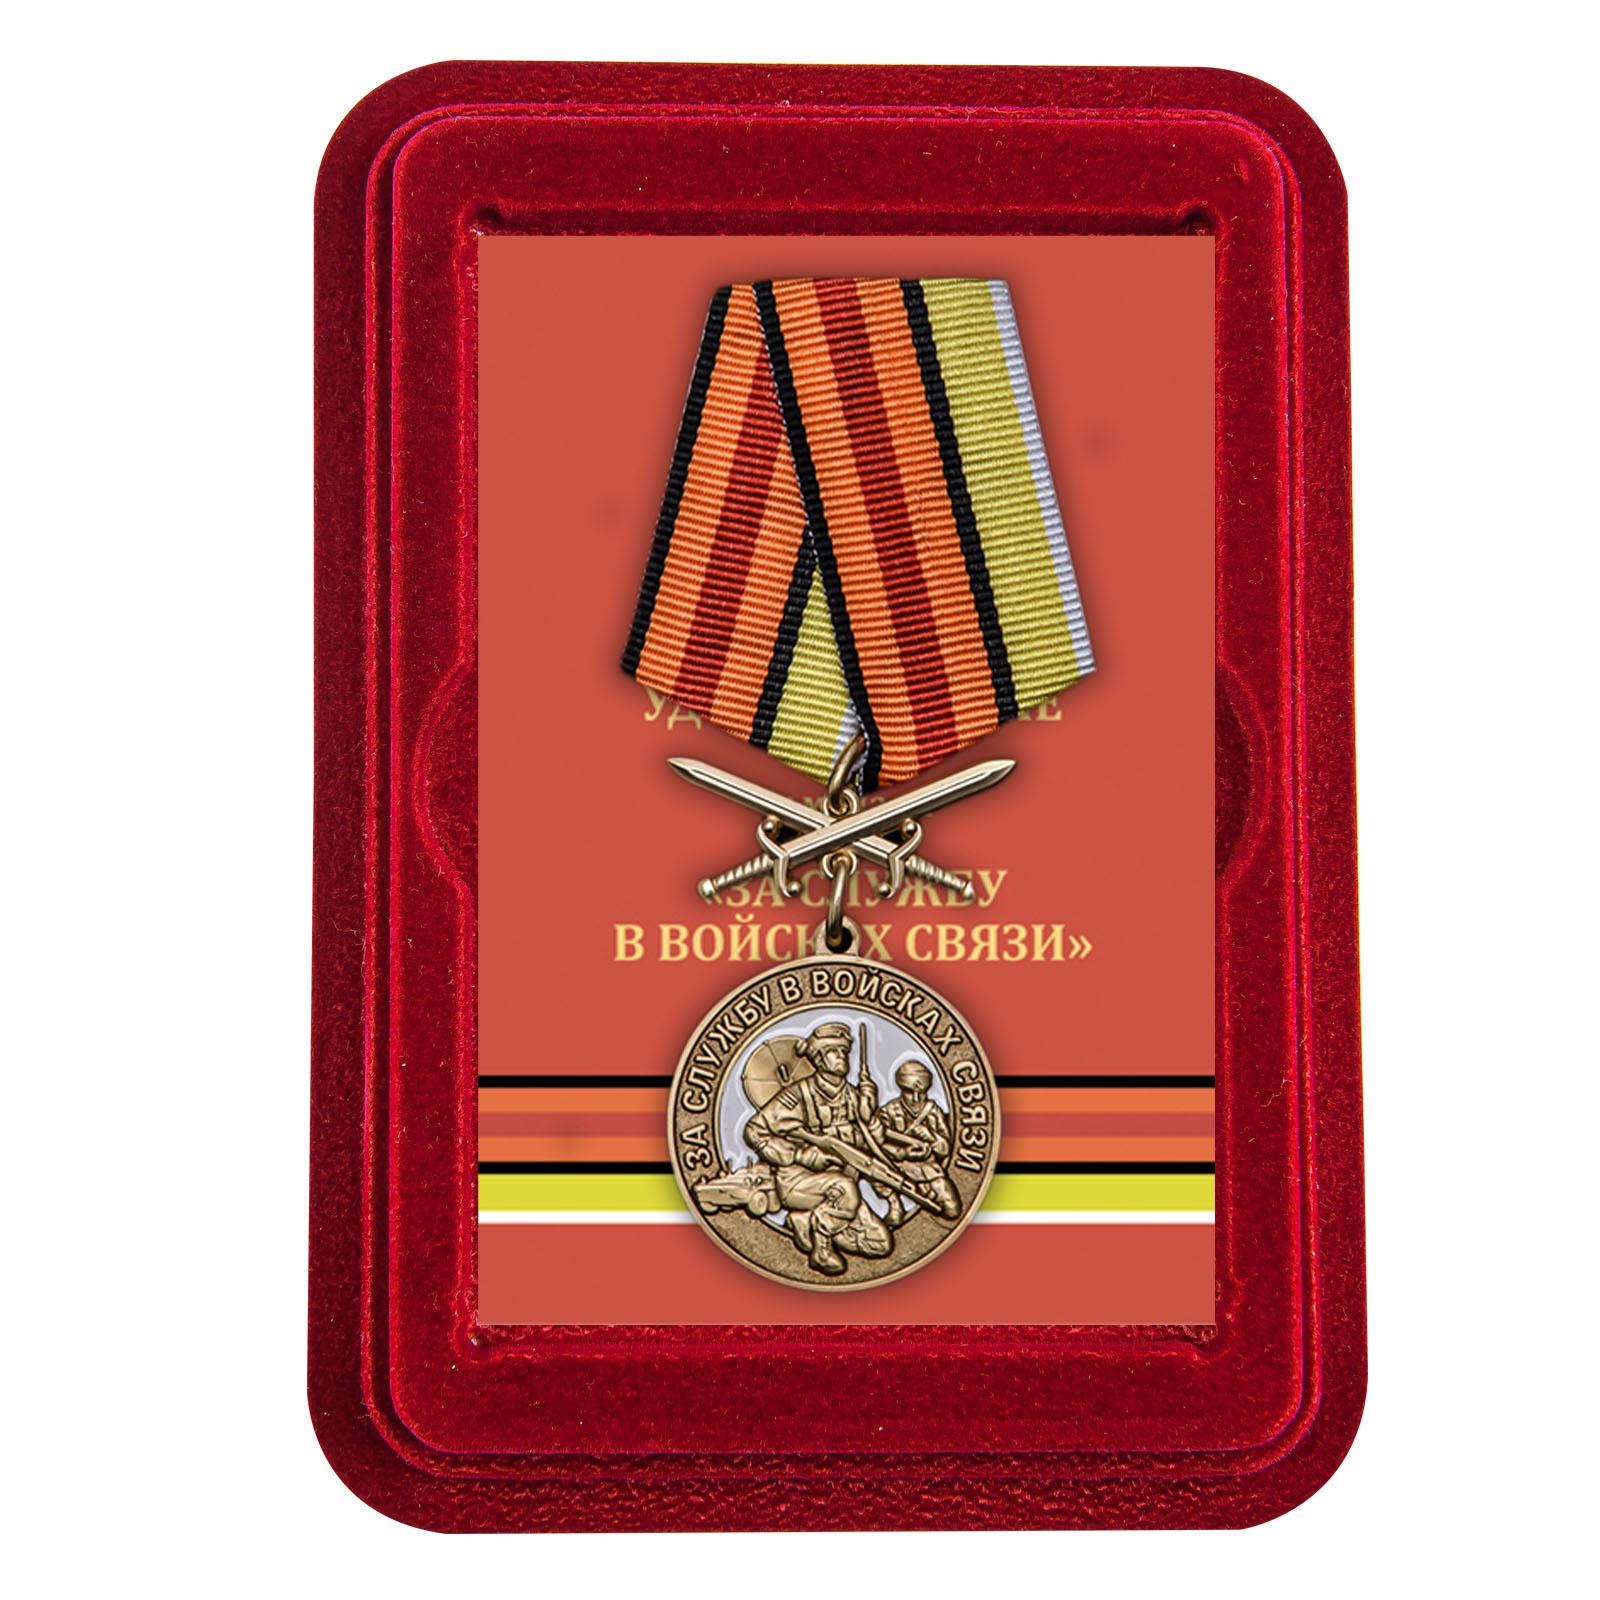 Купить медаль За службу в Войсках связи в подарок онлайн